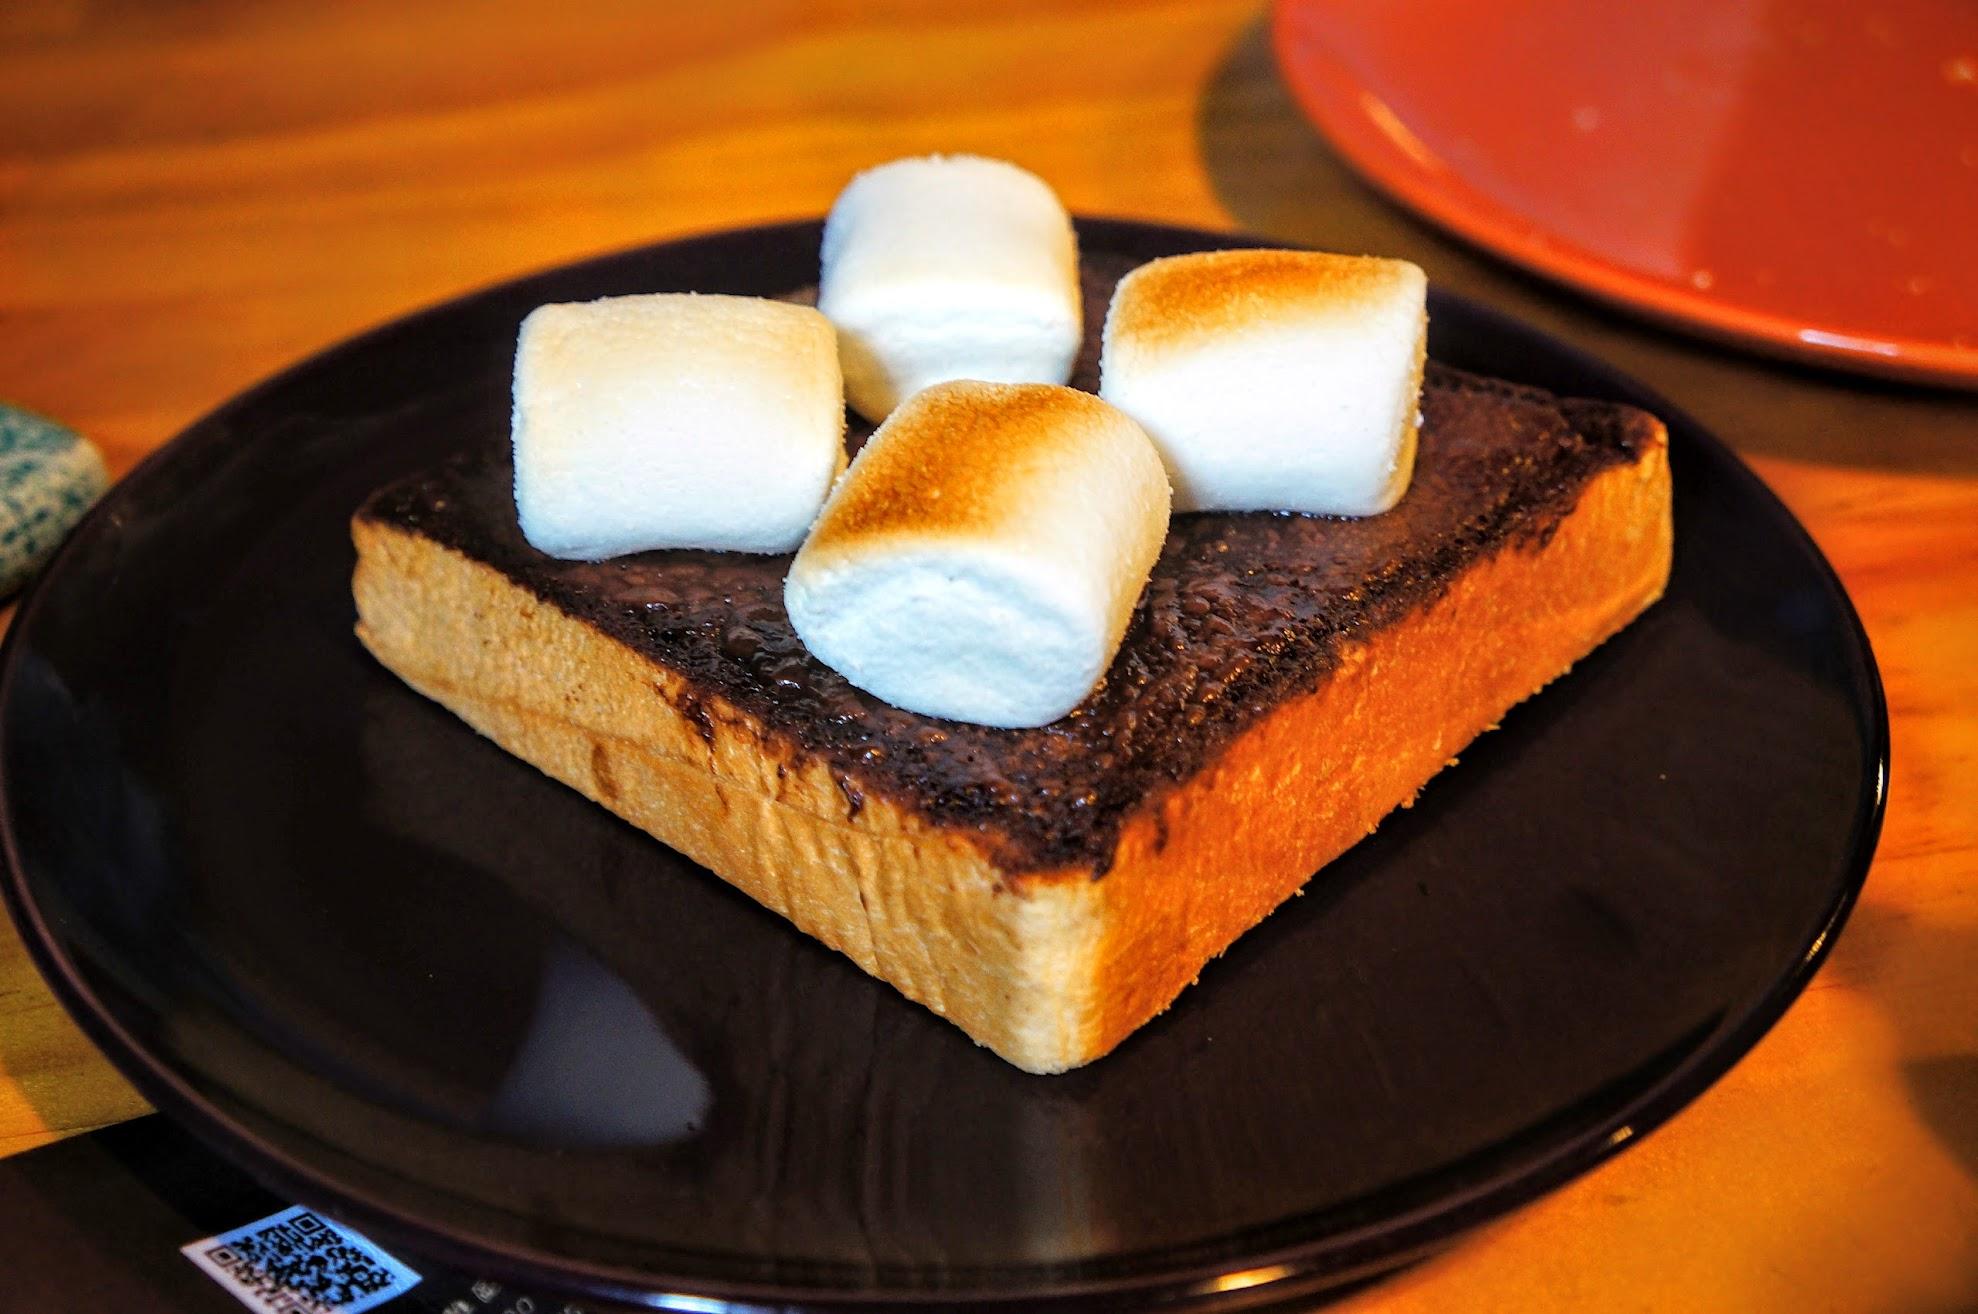 巧克力厚片土司,上頭還有四個烤過的棉花糖!!